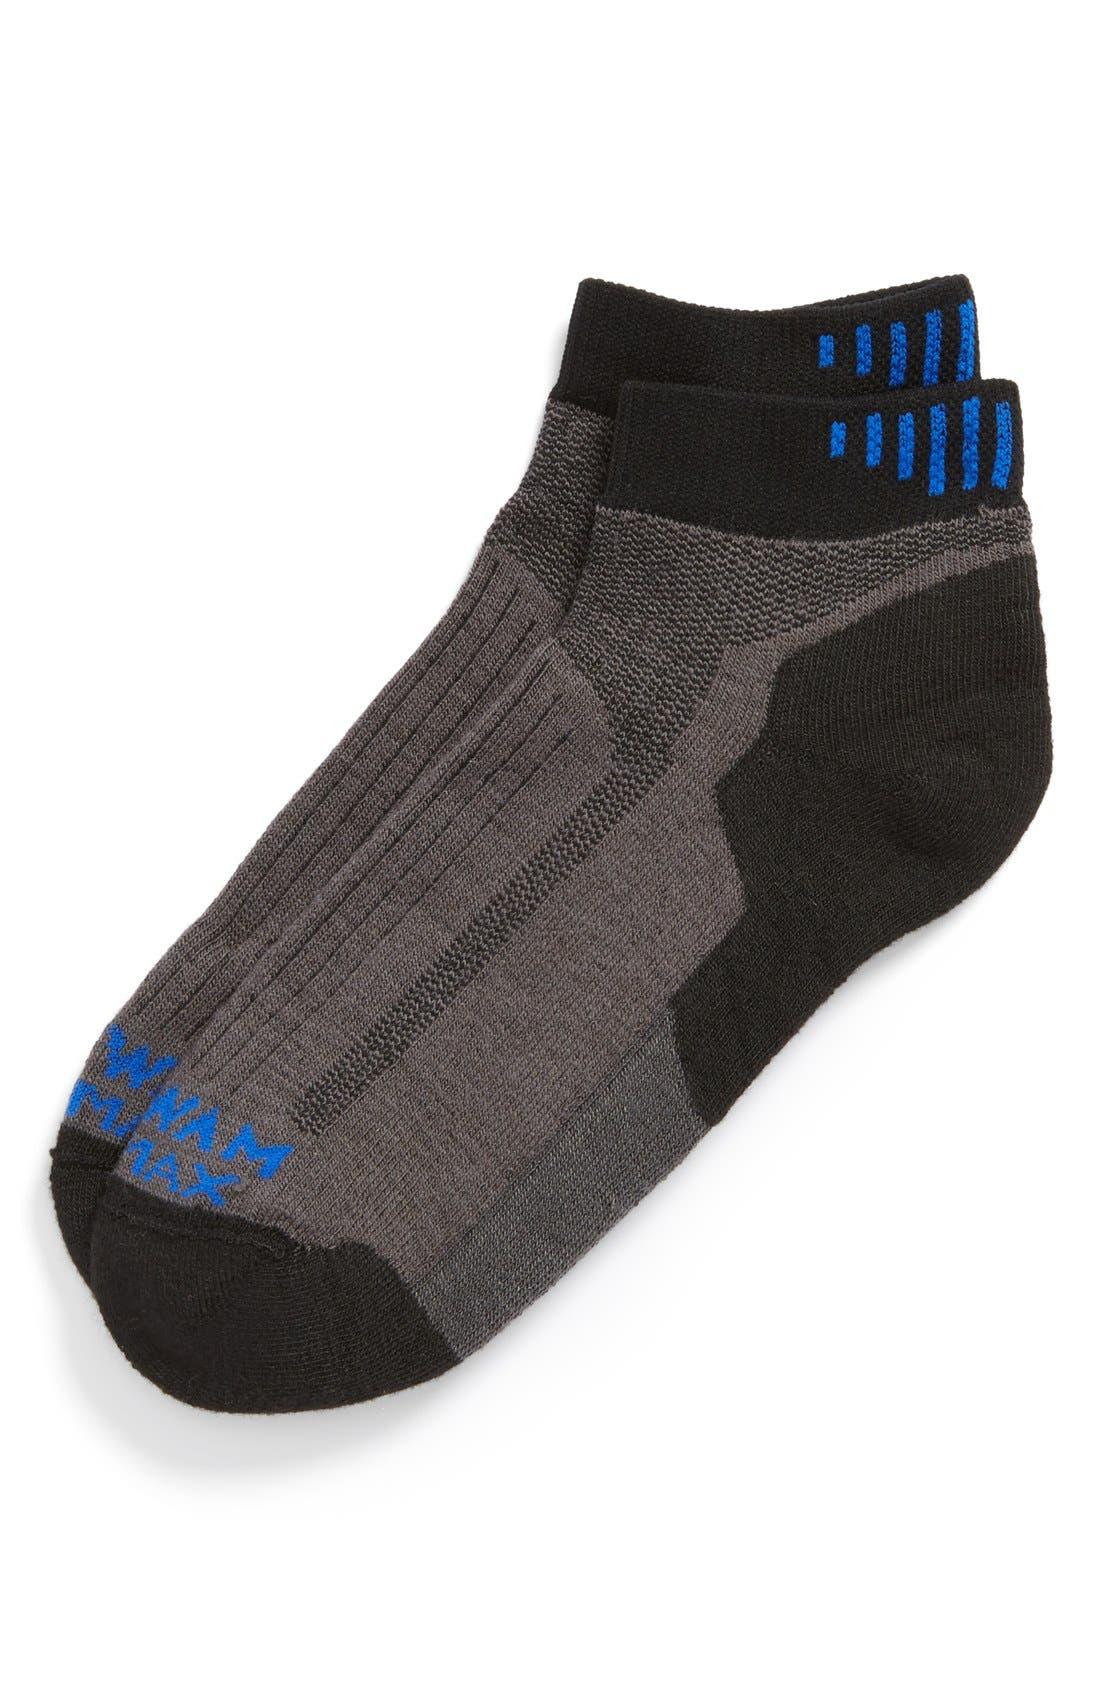 Main Image - Wigwam 'Merino Ridge Runner Pro' Crew Socks (Men)